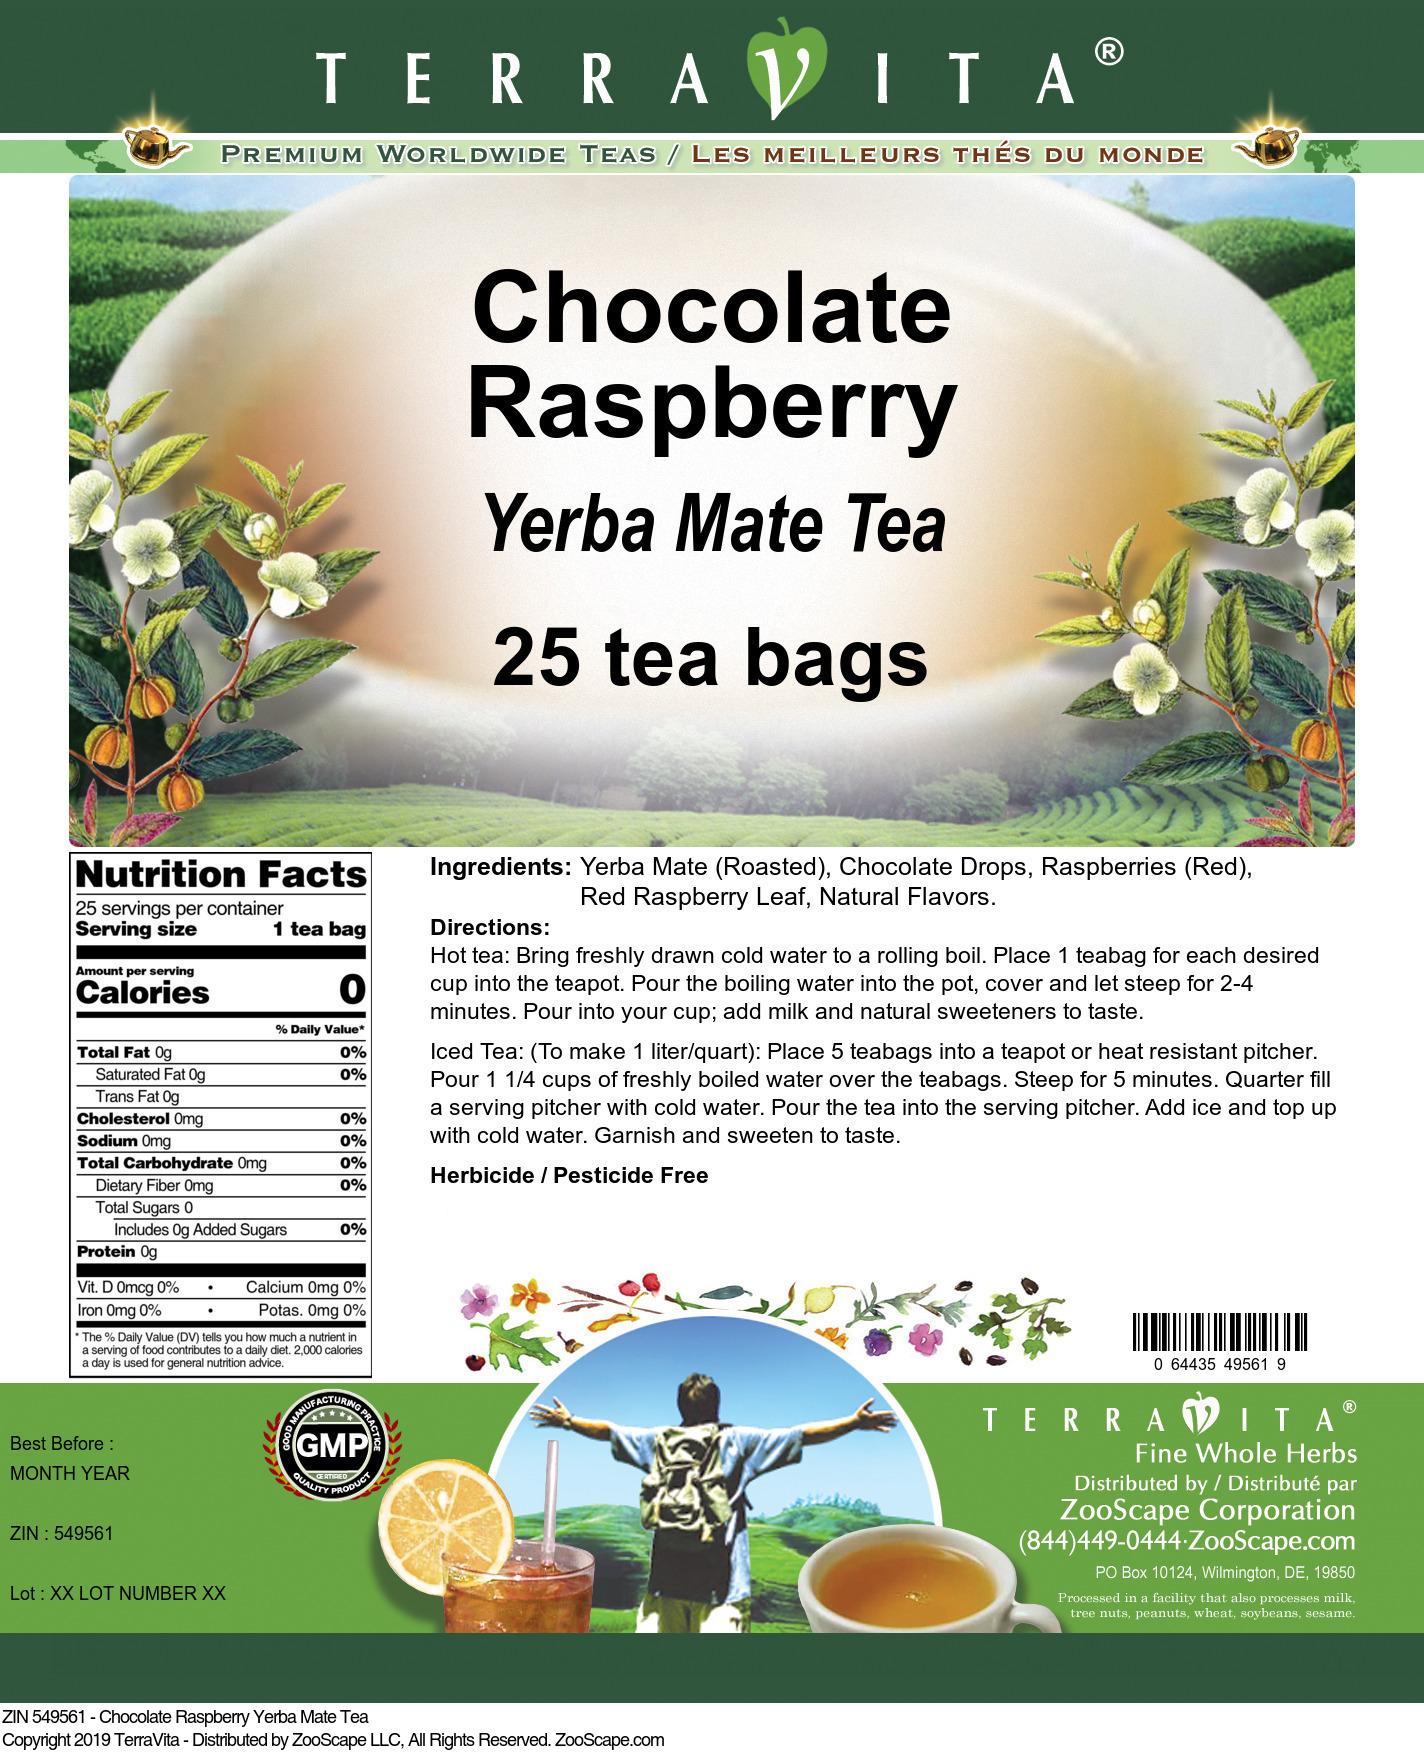 Chocolate Raspberry Yerba Mate